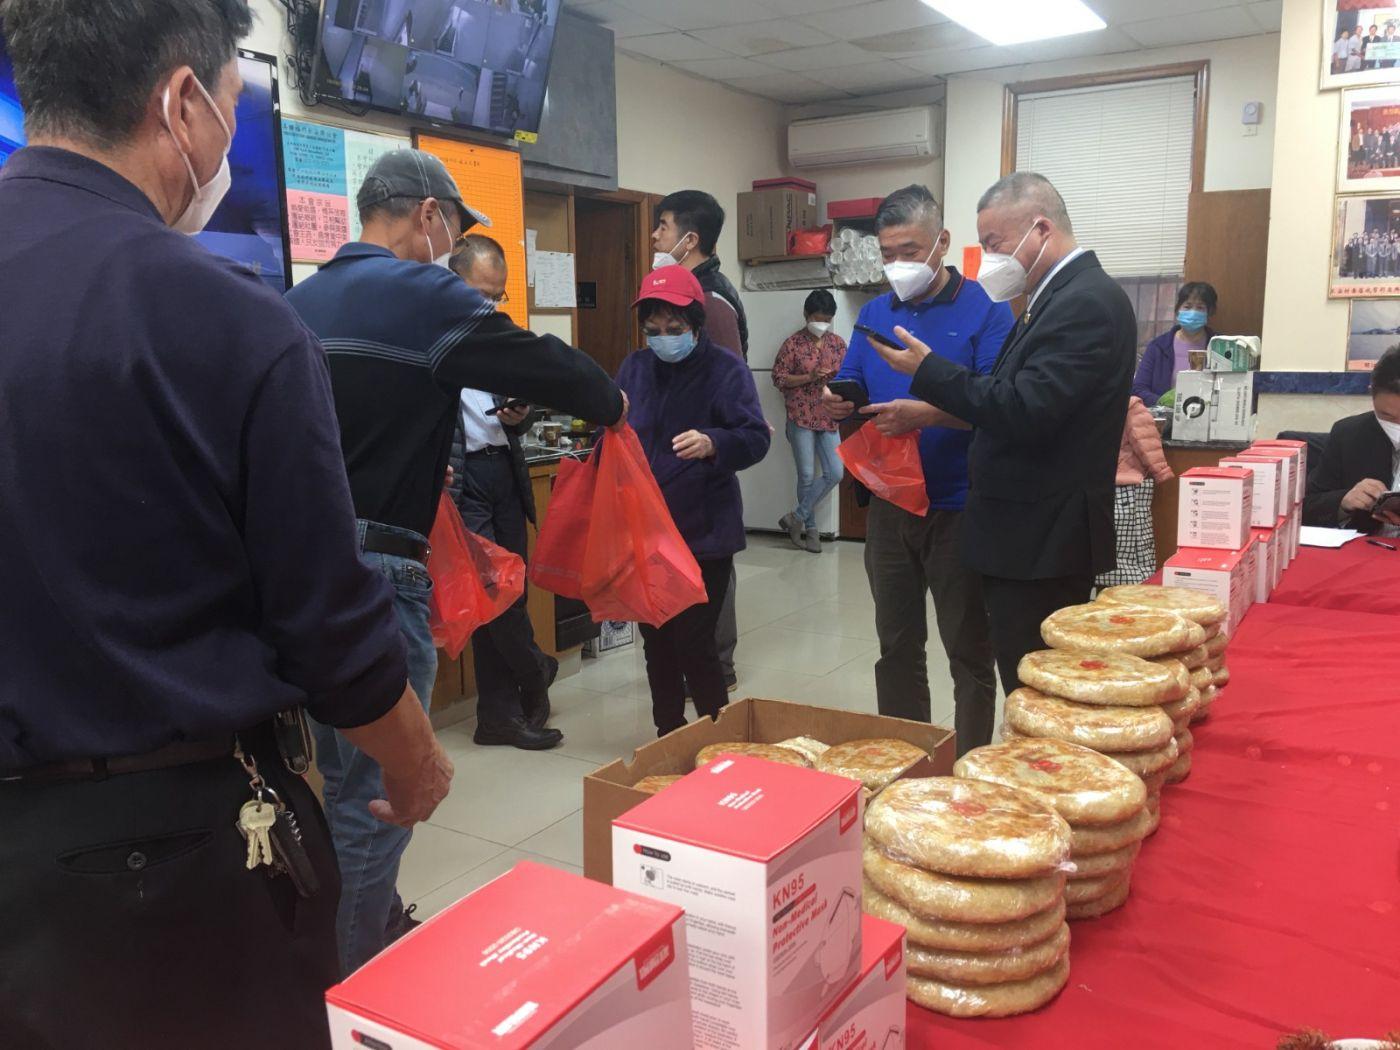 美国福州長安联谊会举办《喜迎中秋.欢度国庆》赠送月饼活动在纽约举行 ... ... ... .. ..._图1-12